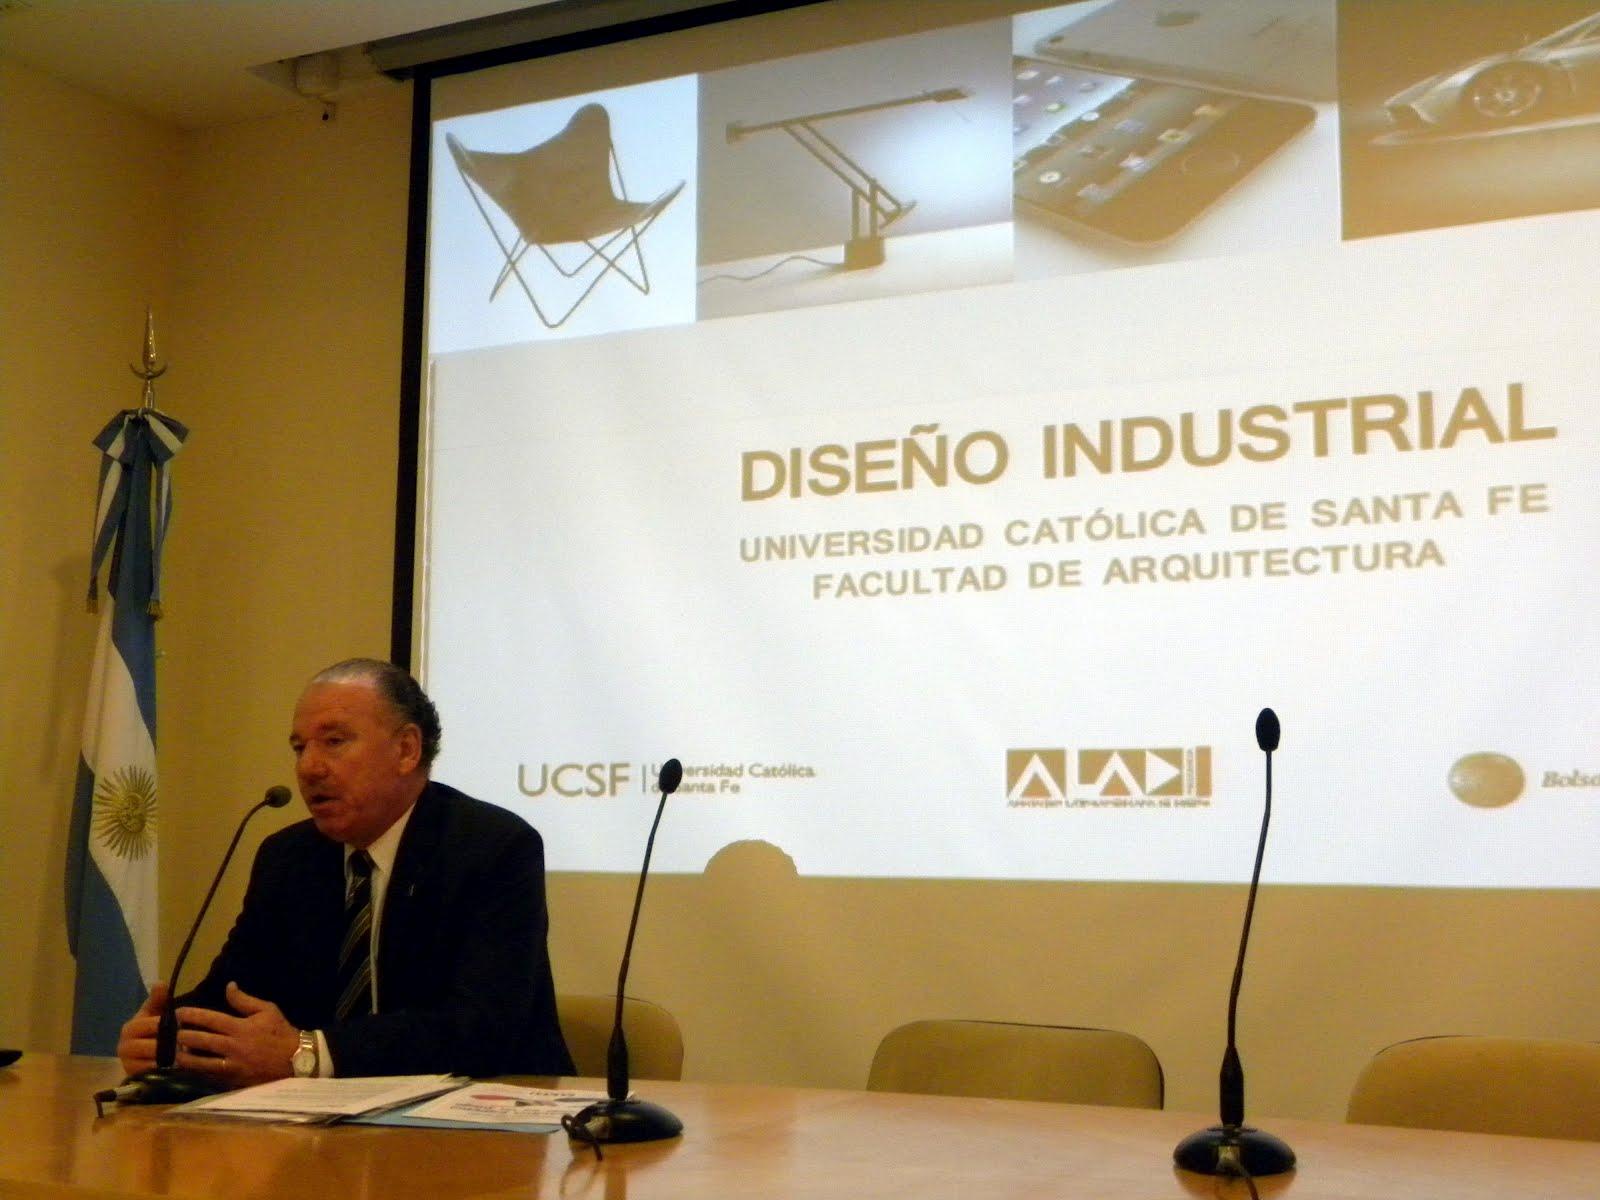 Nueva carrera de dise o industrial de la fa ucsf for Carrera de diseno industrial